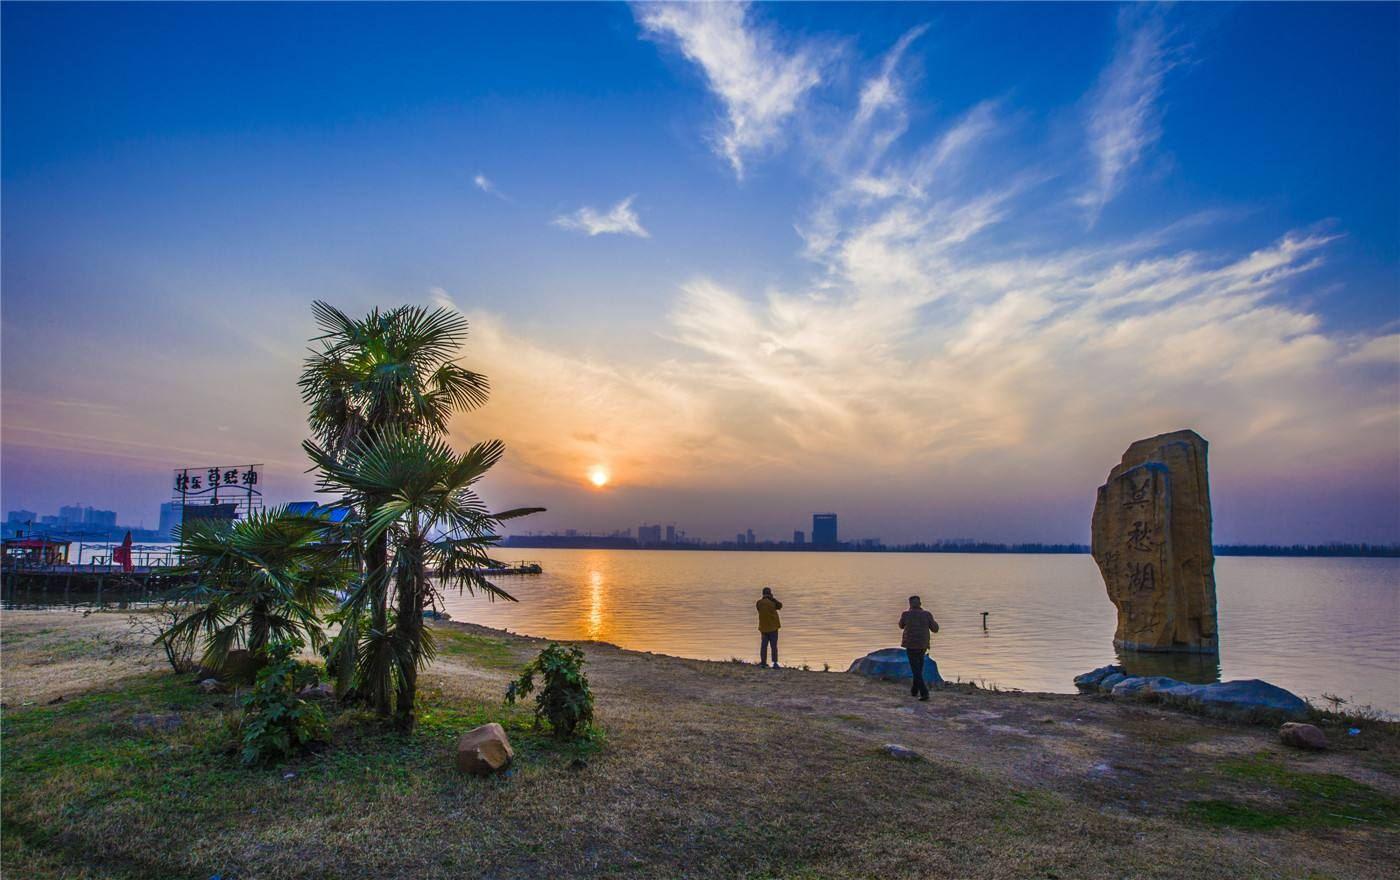 湖北唯一世界長壽之鄉:曾被國家直轄比肩北京,如今卻淪為縣級市